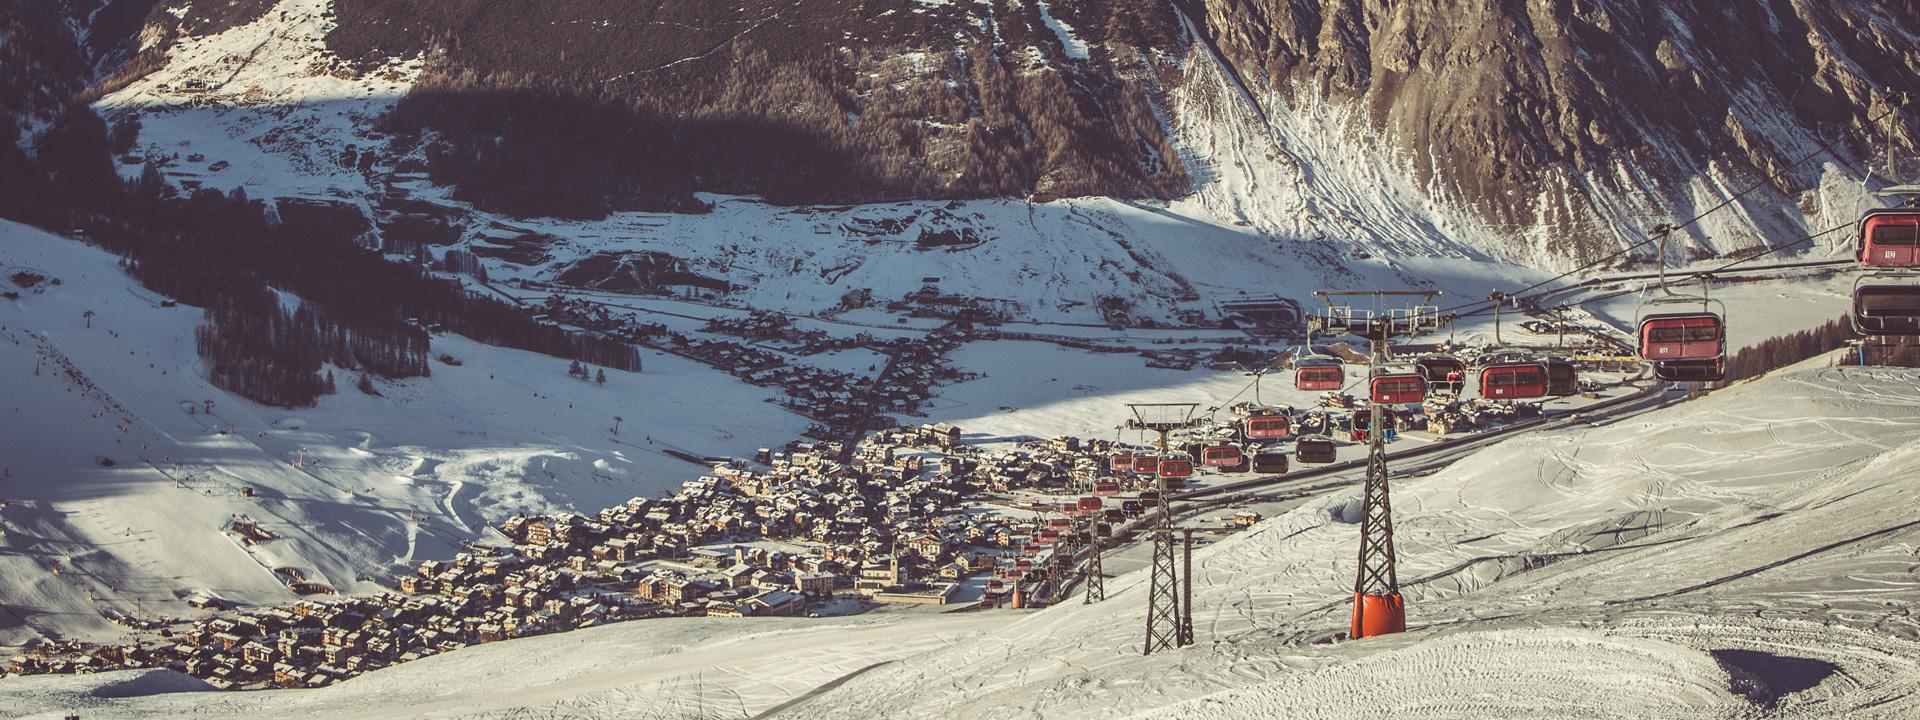 Parcheggi gratuiti per accedere alla ski area Mottolino a Livigno